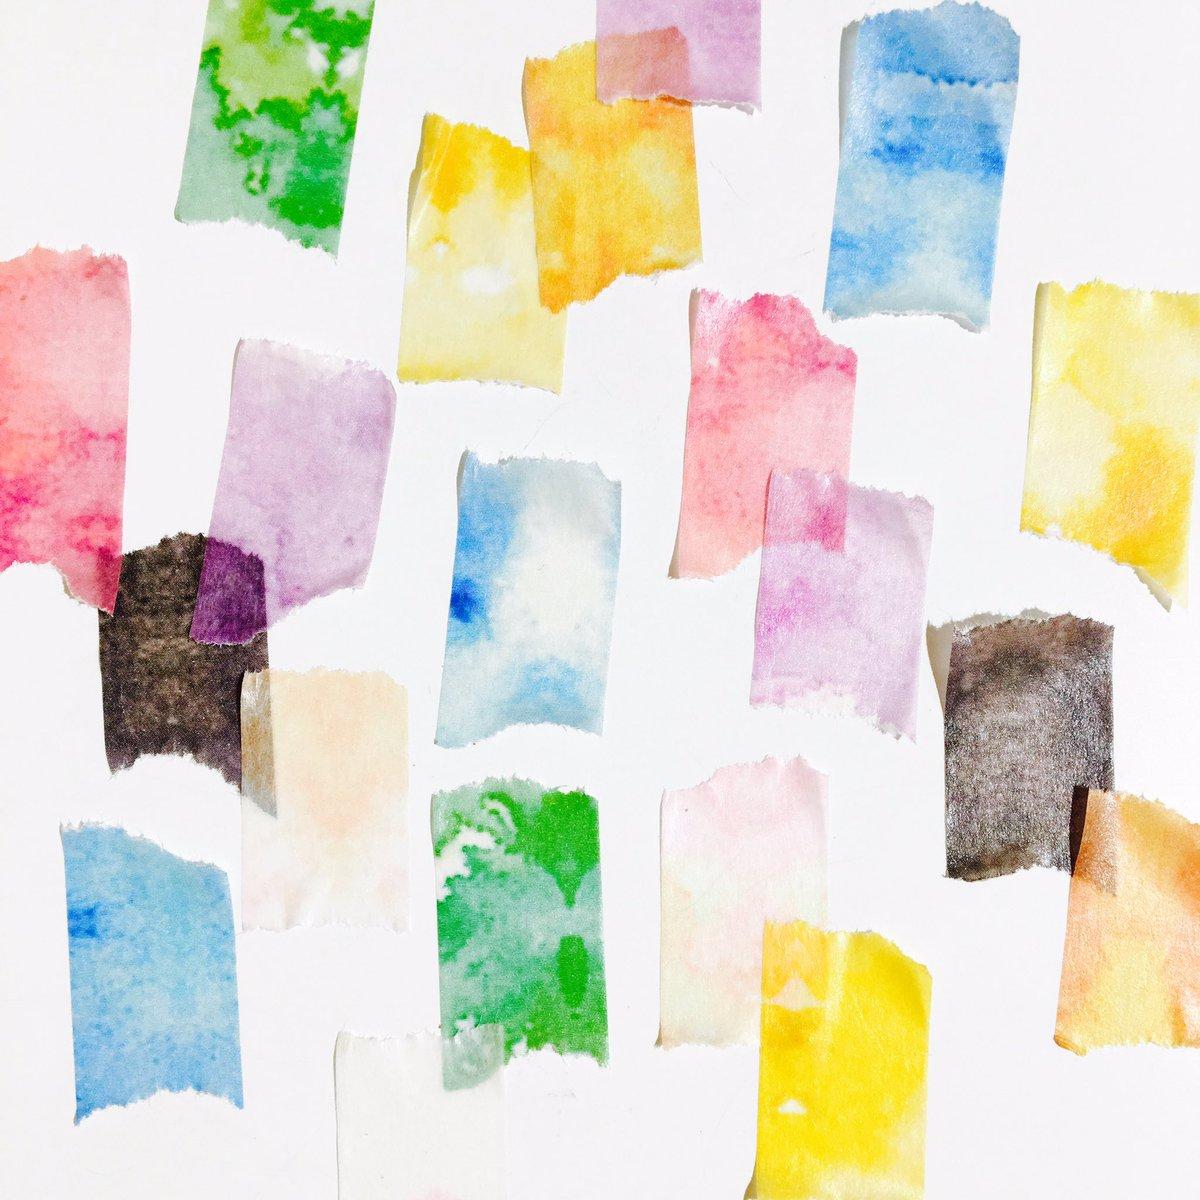 【新宿店】彩り水彩マスキングテープの8色セットが入荷しました(OvO) 水彩風のテクスチャーがとってもステキ!ちぎり絵のようにペタペタ貼ったり色の重なりを楽しんだり、まるで絵具のように使える魅惑のマスキングテープです◎